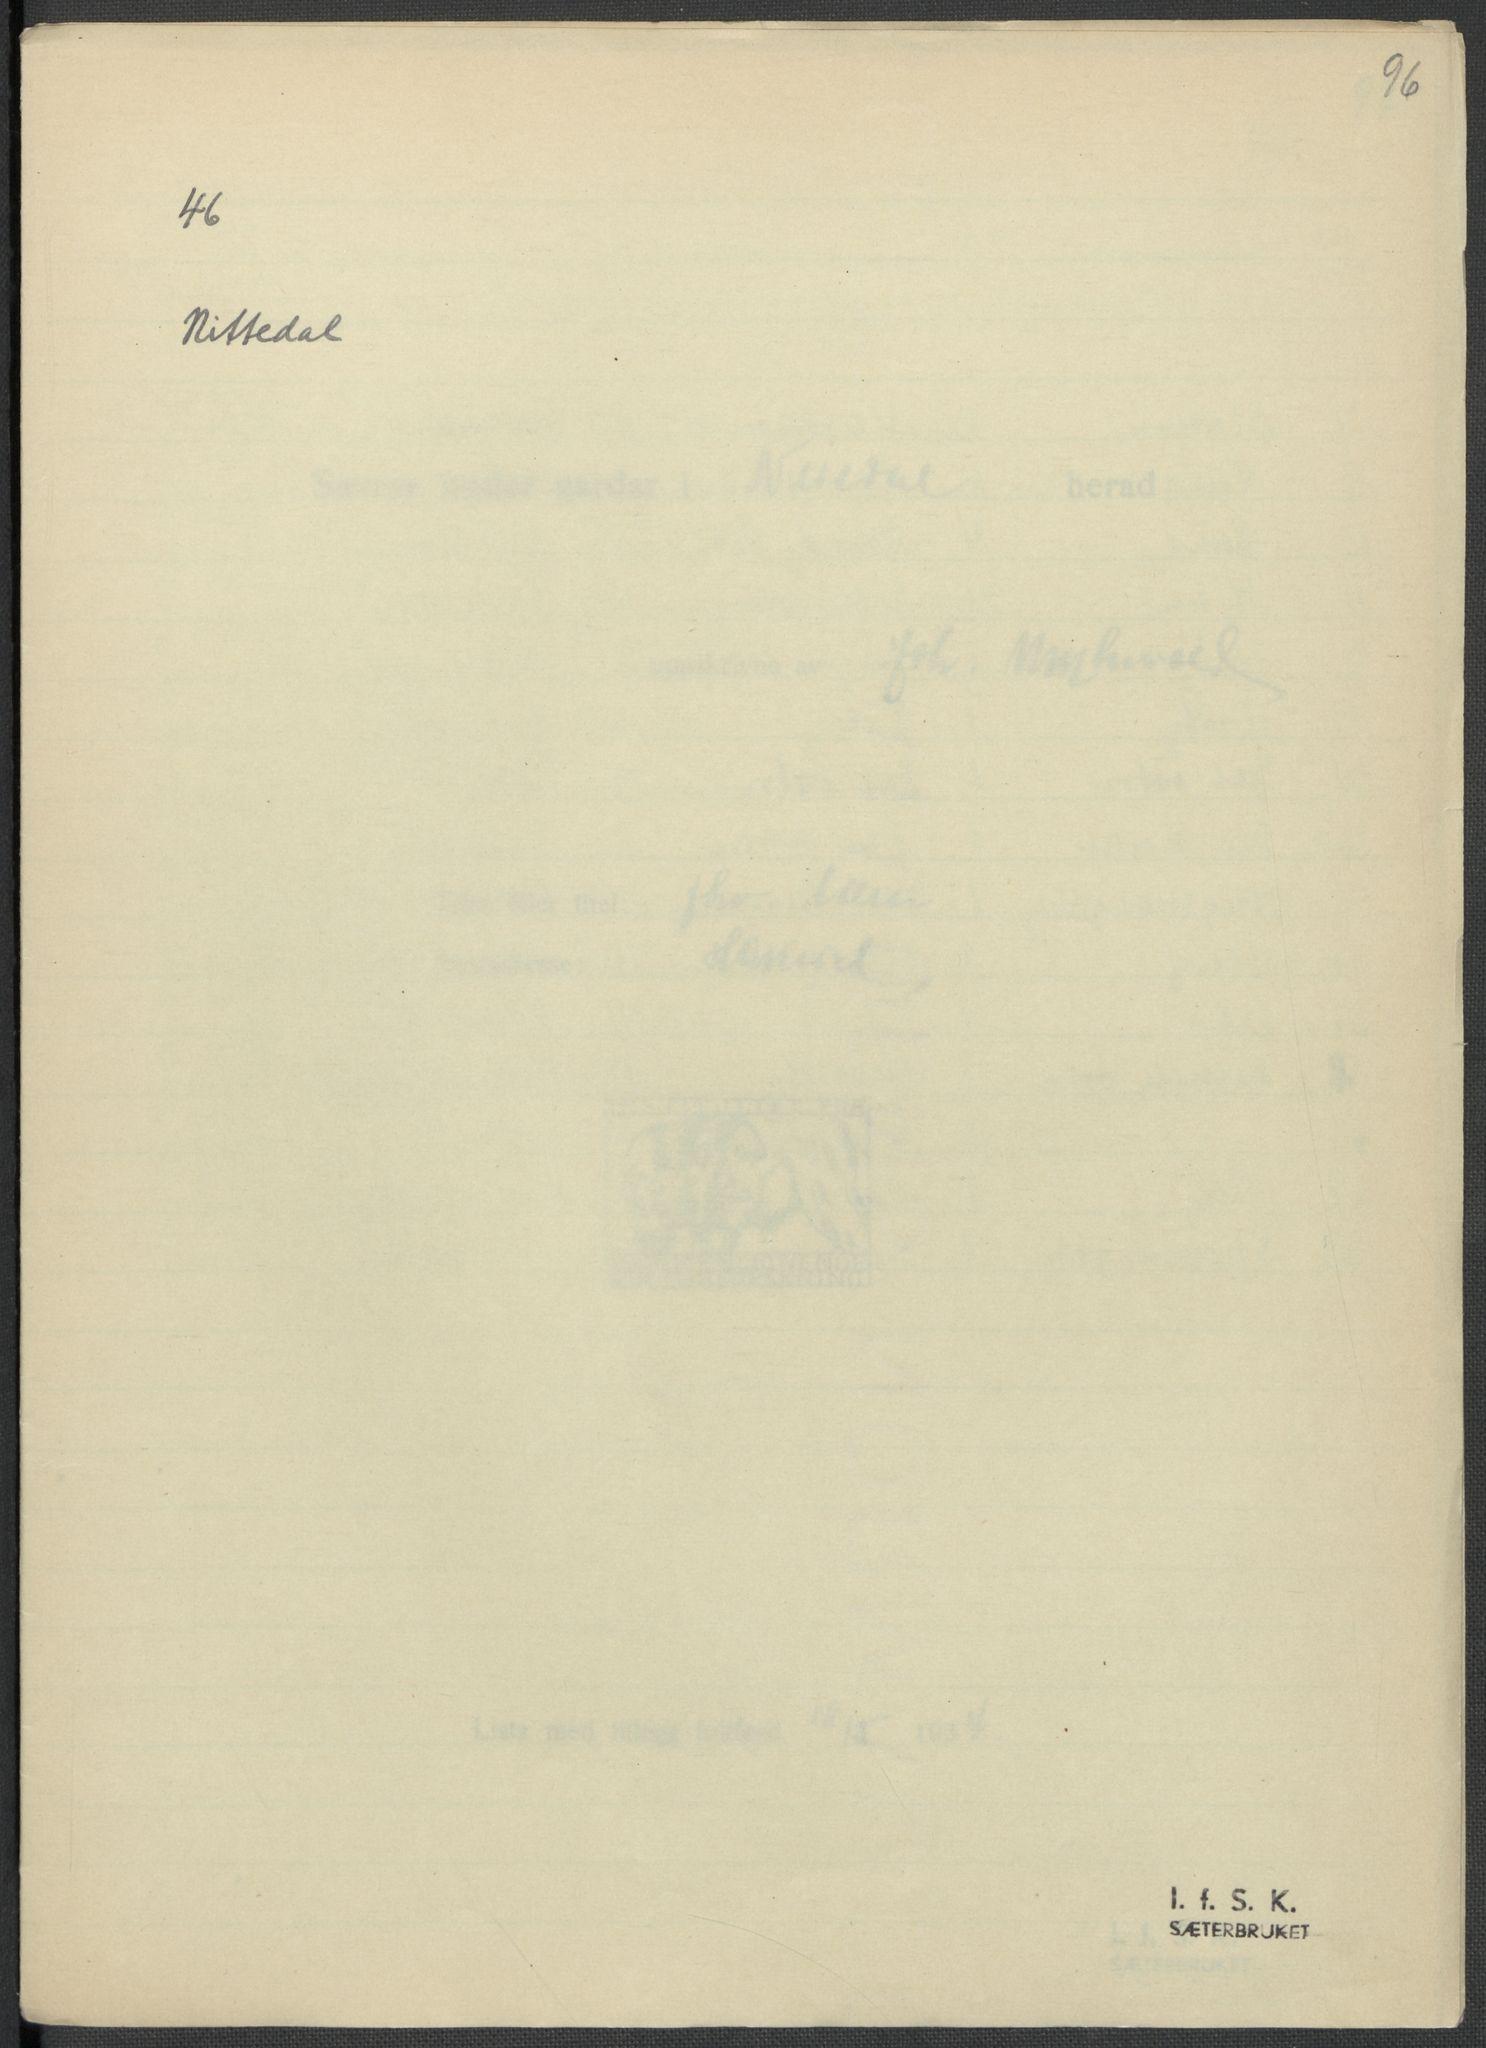 RA, Instituttet for sammenlignende kulturforskning, F/Fc/L0002: Eske B2:, 1932-1936, s. 96